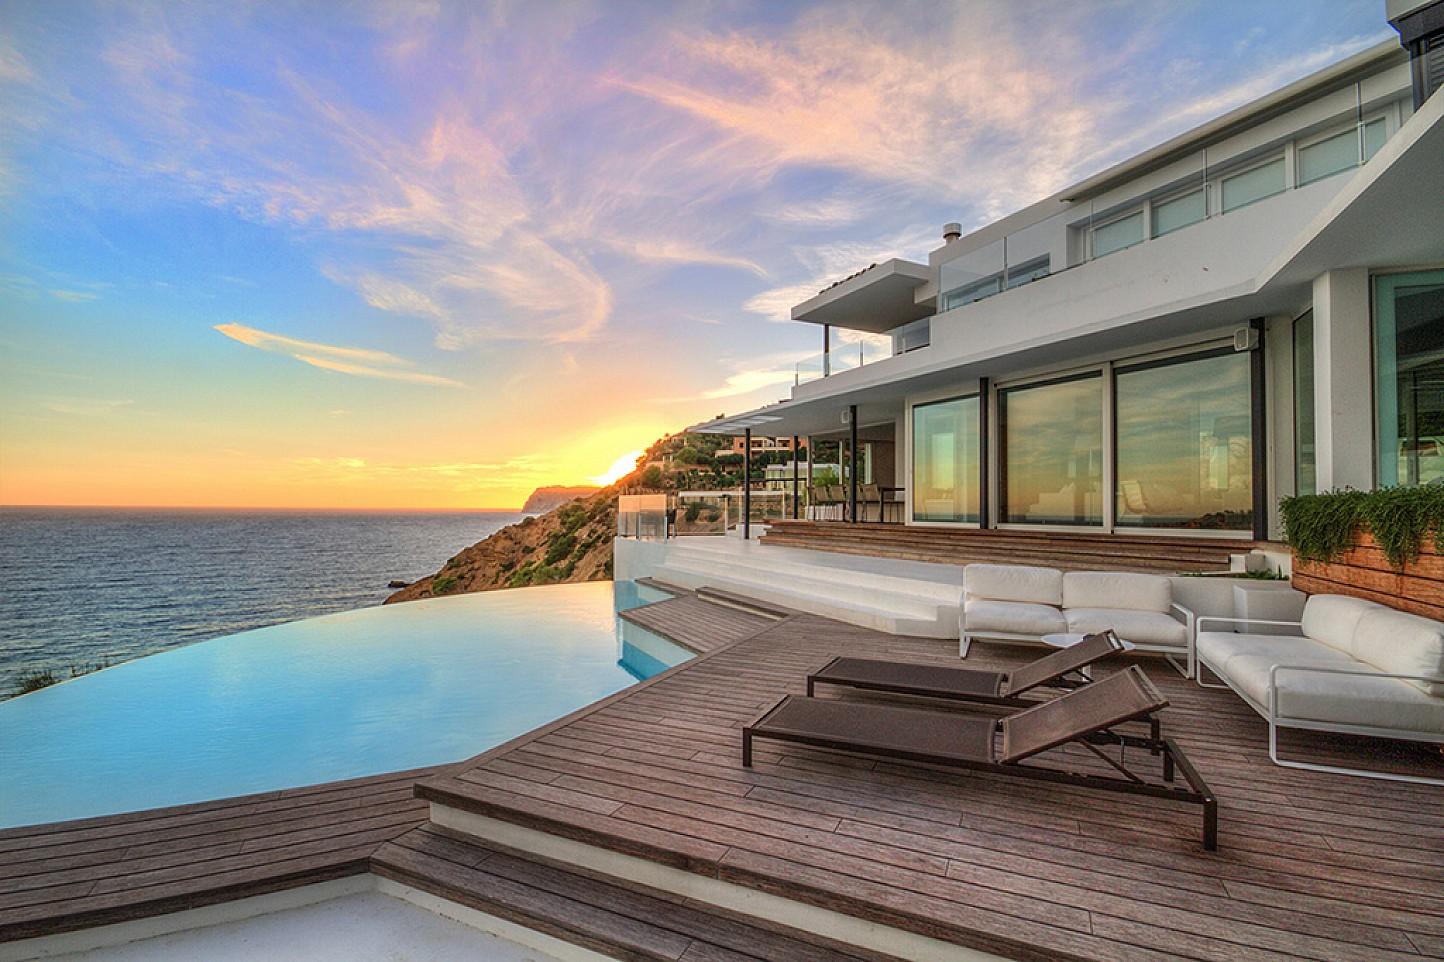 Vistas exteriores de la casa con la gran piscina y las vistas la mar